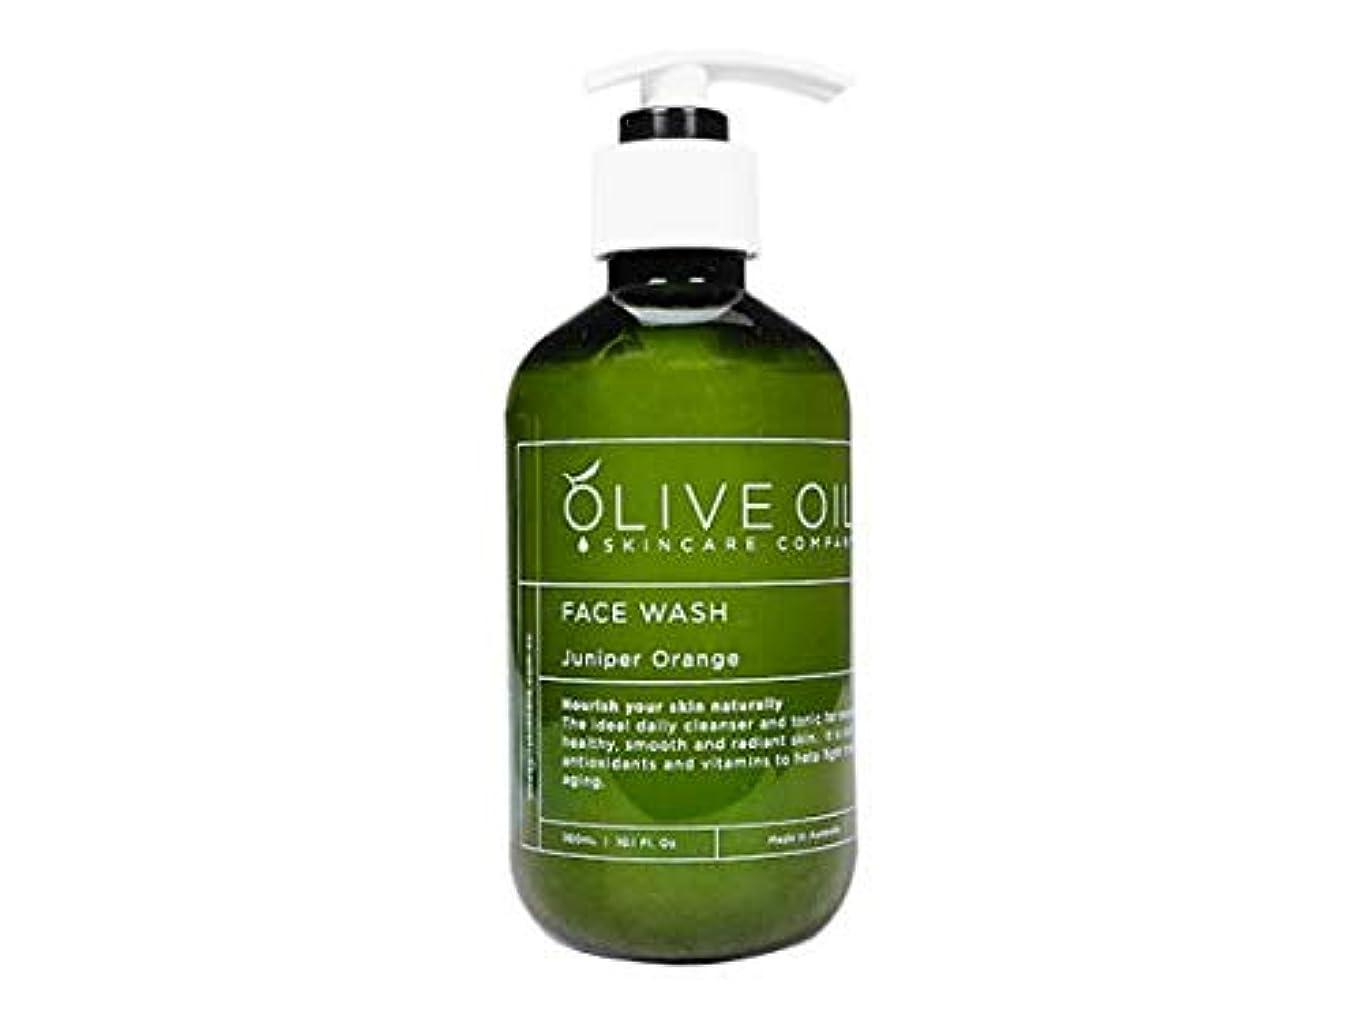 国無人手書きOliveOil フェイスウォッシュ?ジュニパーオレンジ300ml (OliveOil) Face Wash (Juniper Orange) Made in Australia